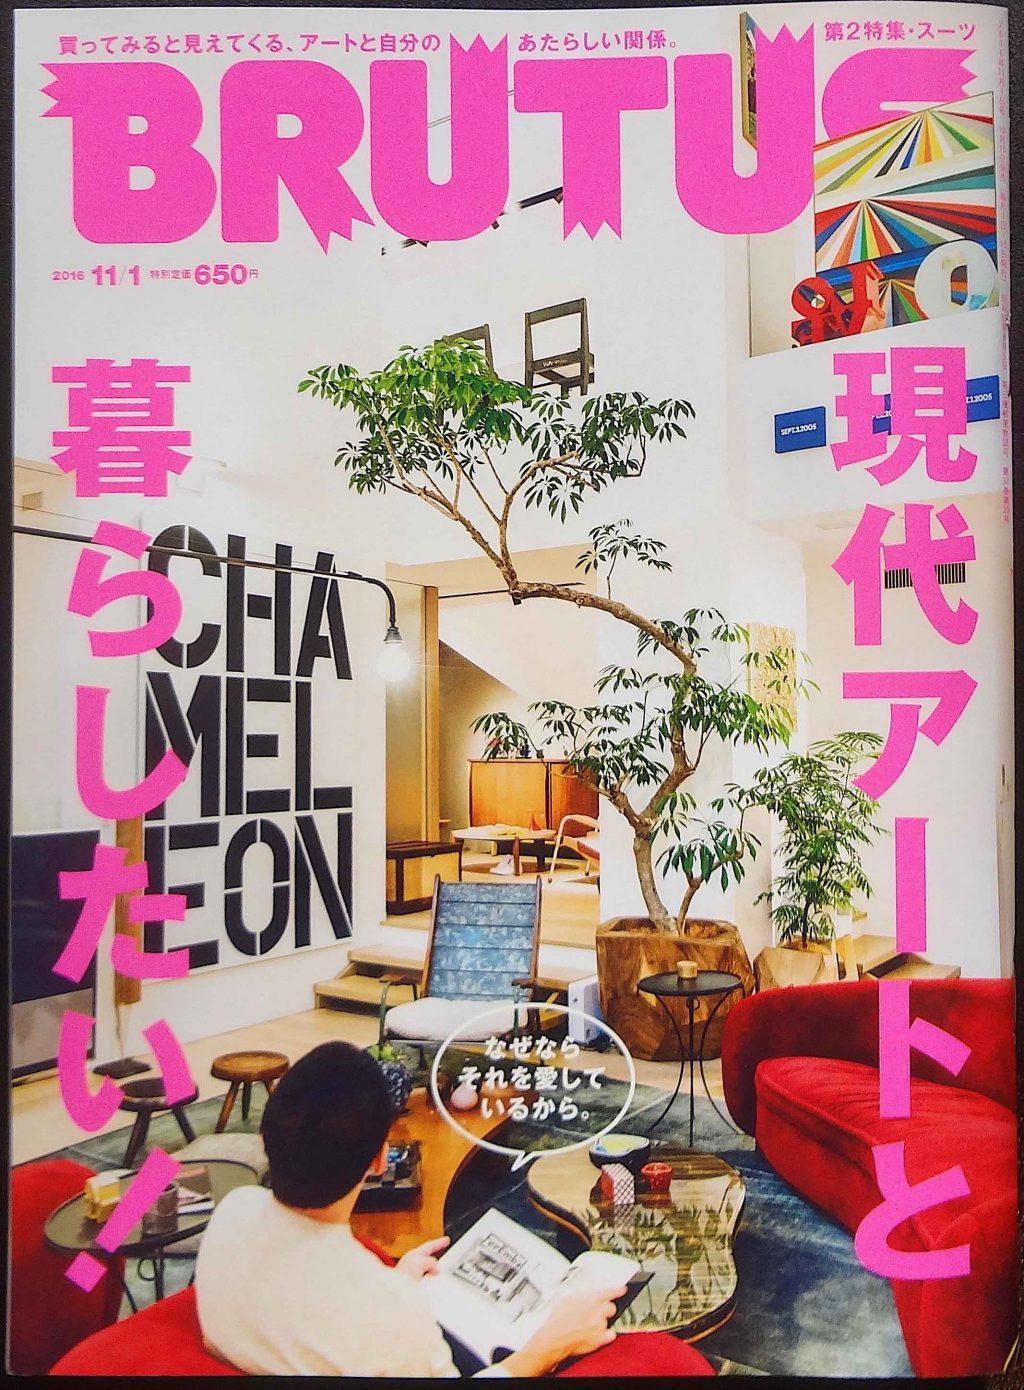 前澤友作コレクション in BRUTUS Magazine 平成28年11月1日